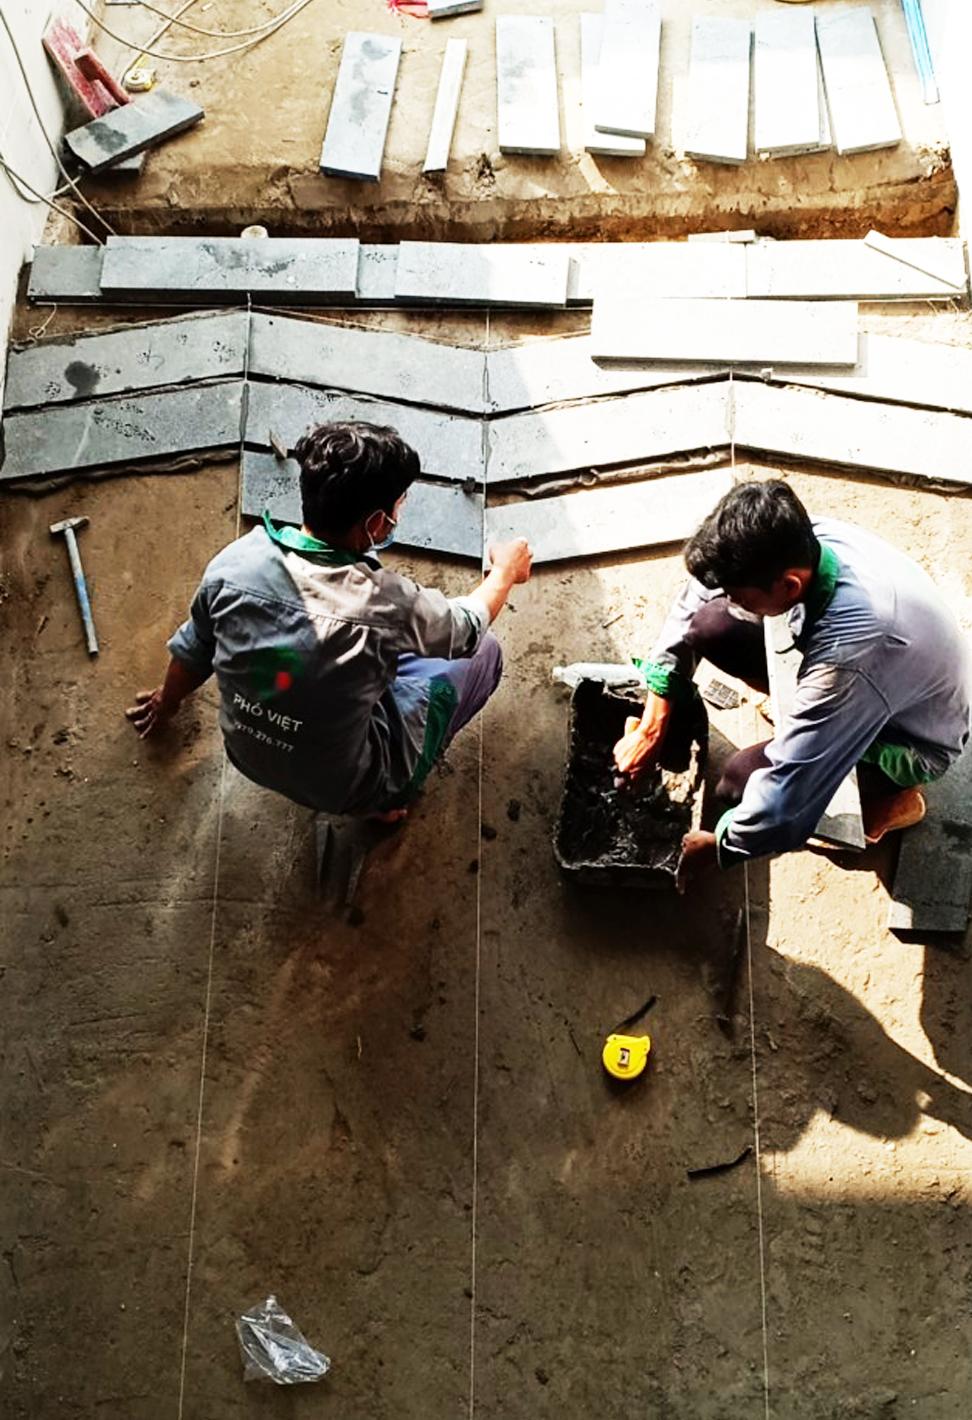 Đội ngũ thi công của Phố Việt lành nghề, giàu kinh nghiệm, đem lại sự chắc chắn, yên tâm cho khách hàng